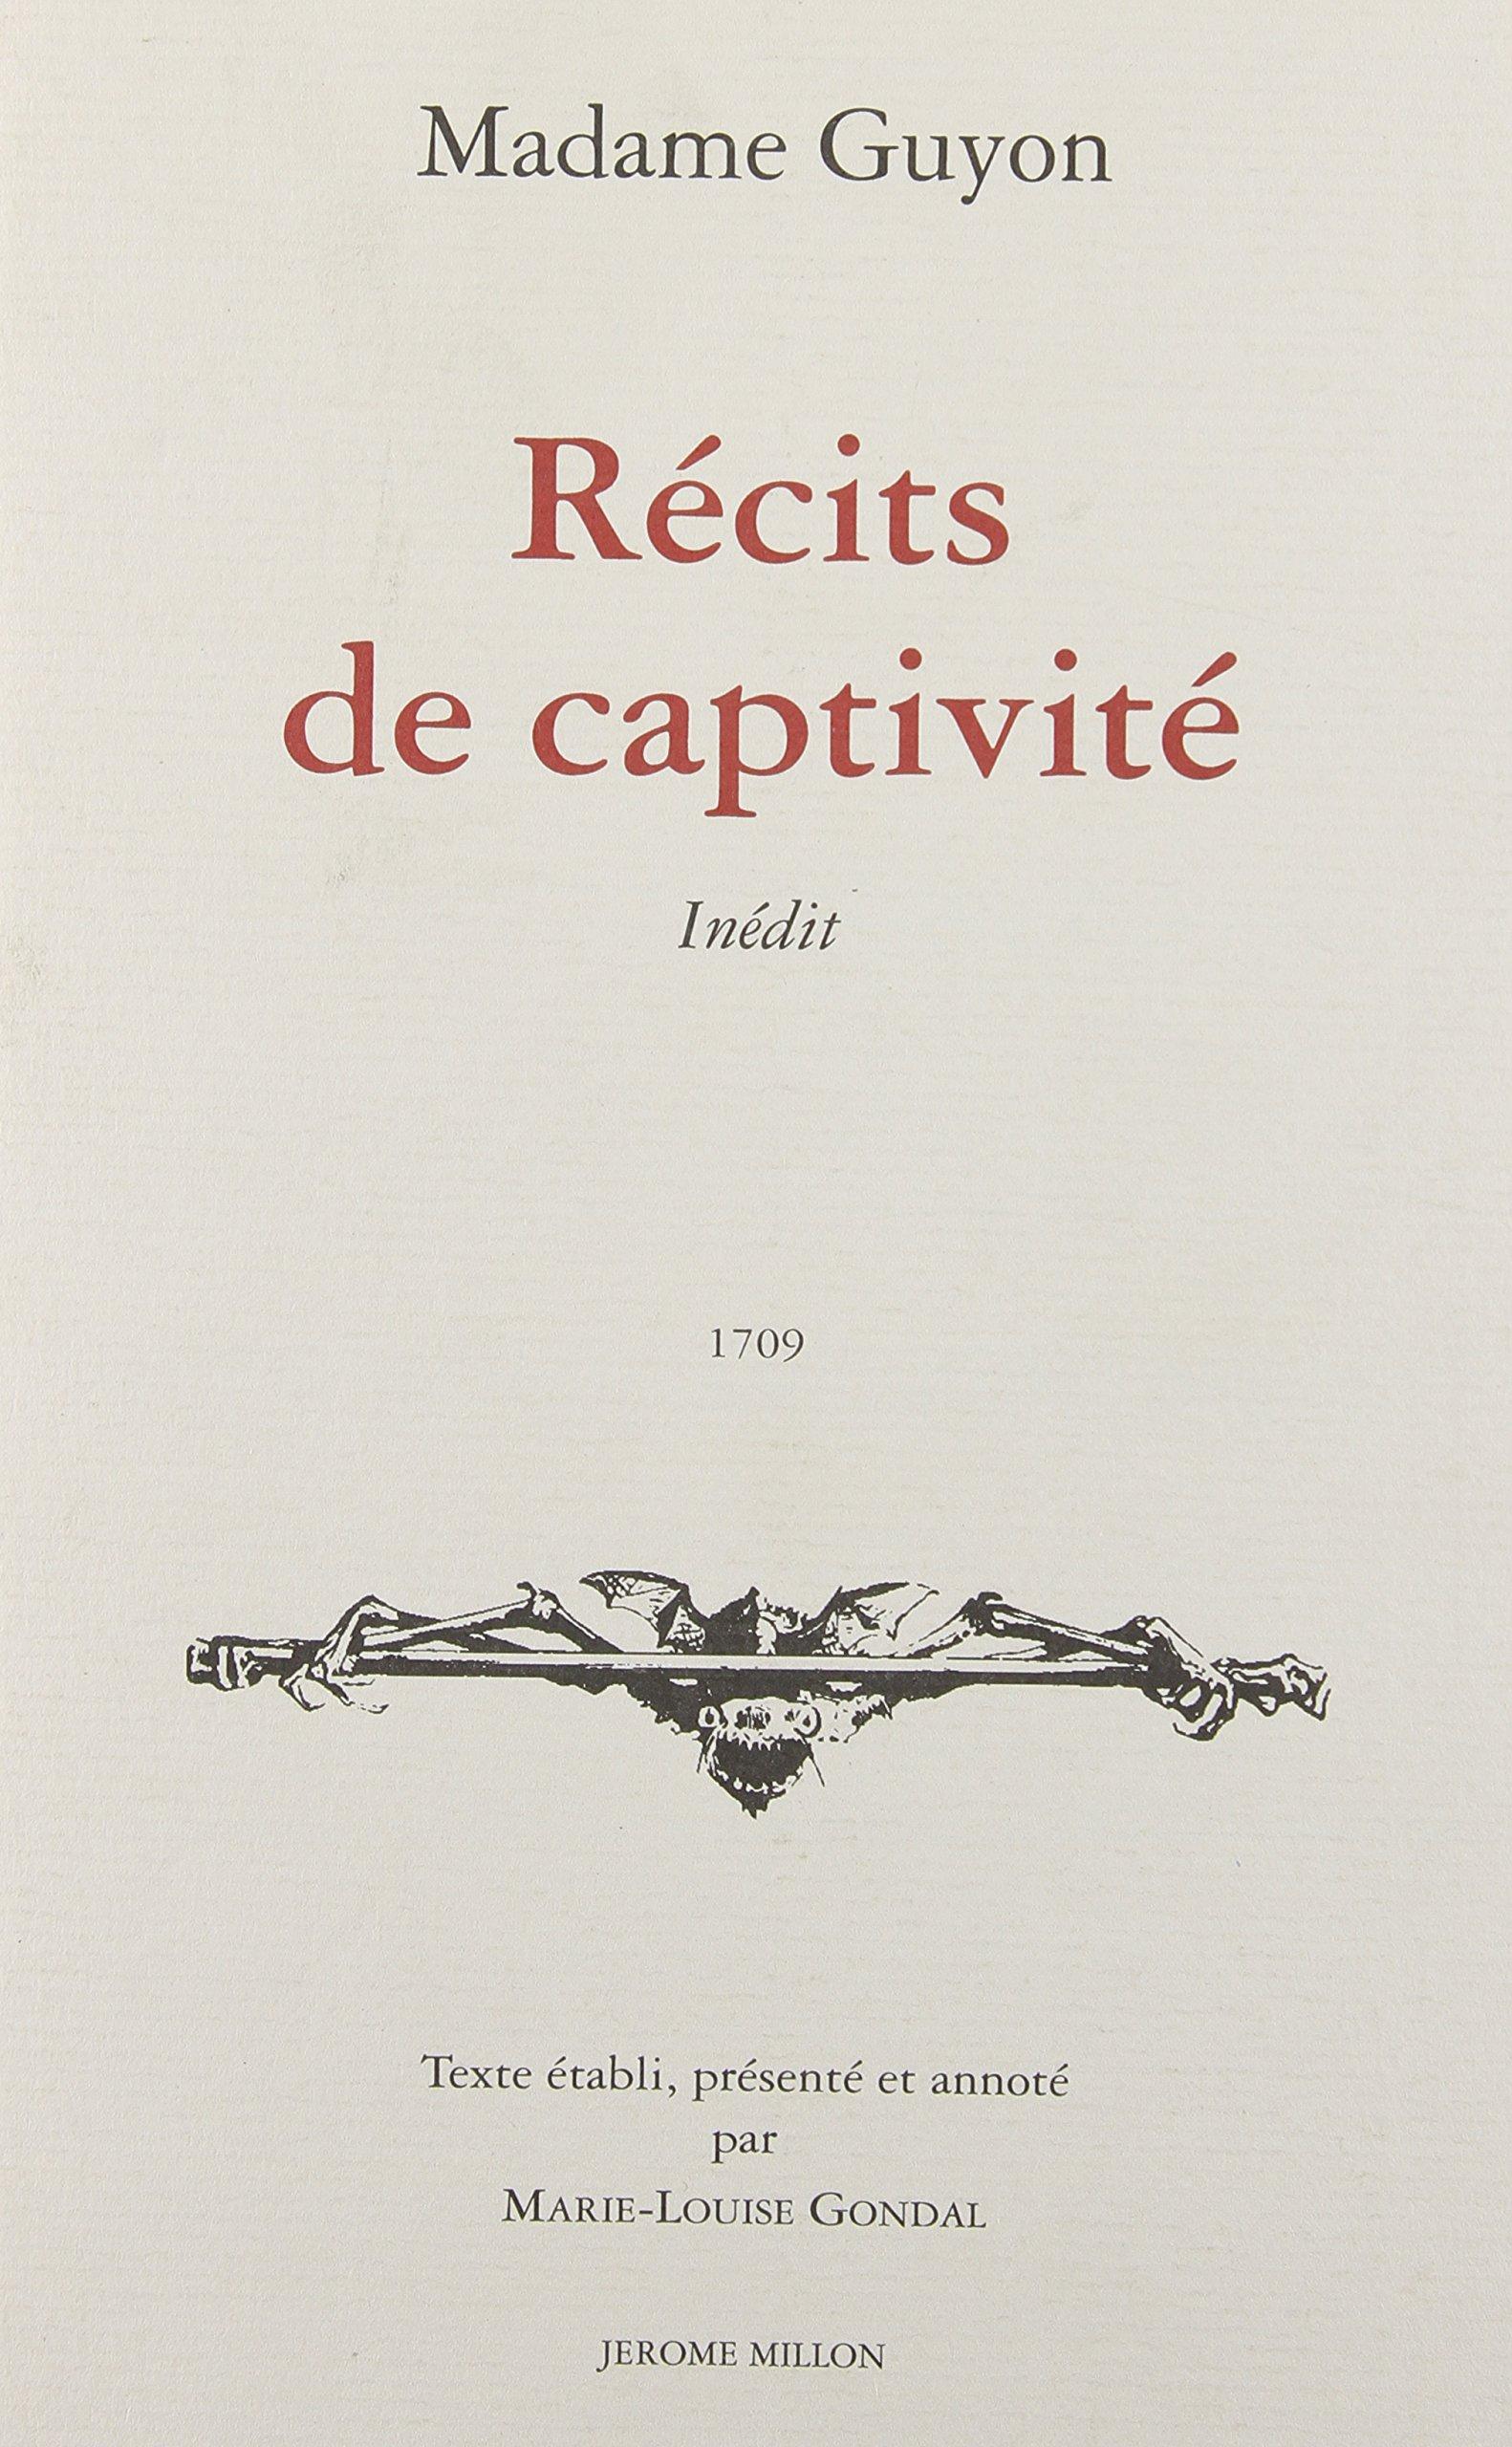 Récits de captivité : Autobiographie, 4e partie (Atopia)